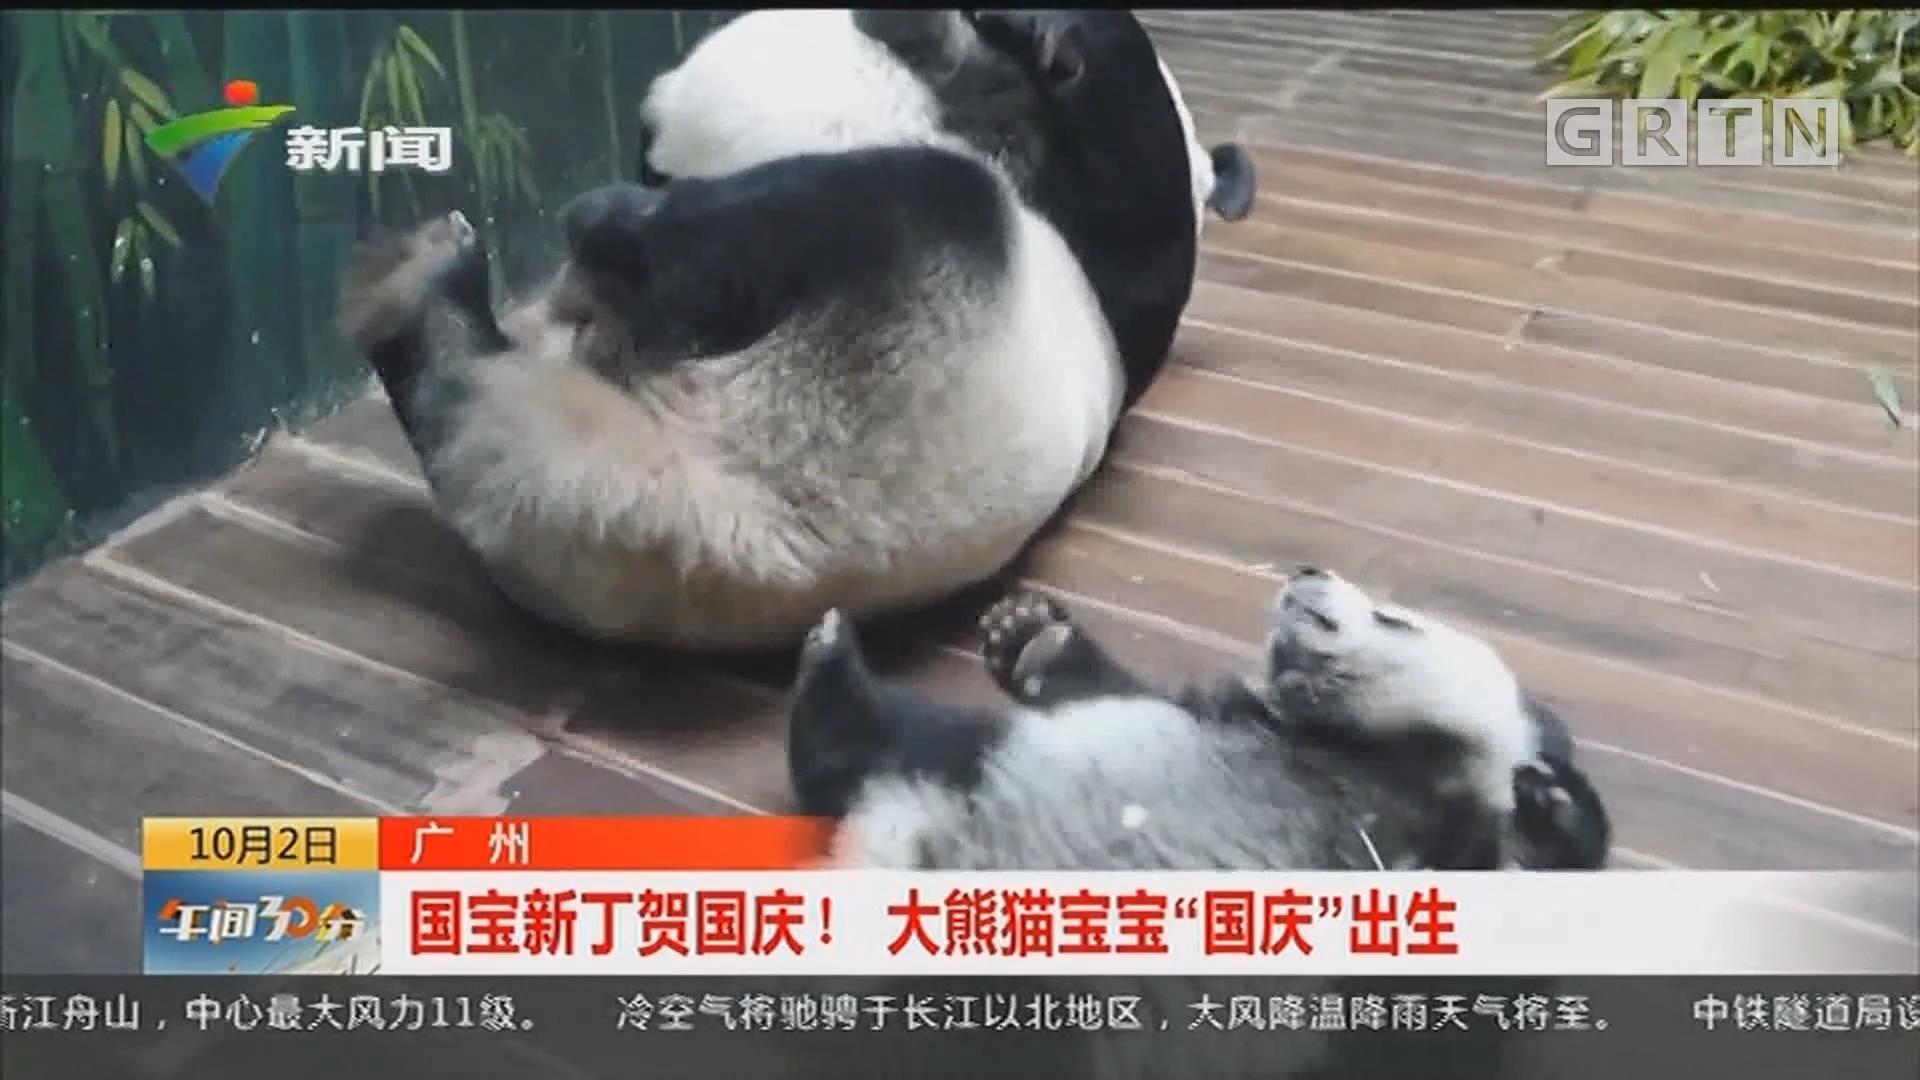 """广州:国宝新丁贺国庆!大熊猫宝宝""""国庆""""出生"""